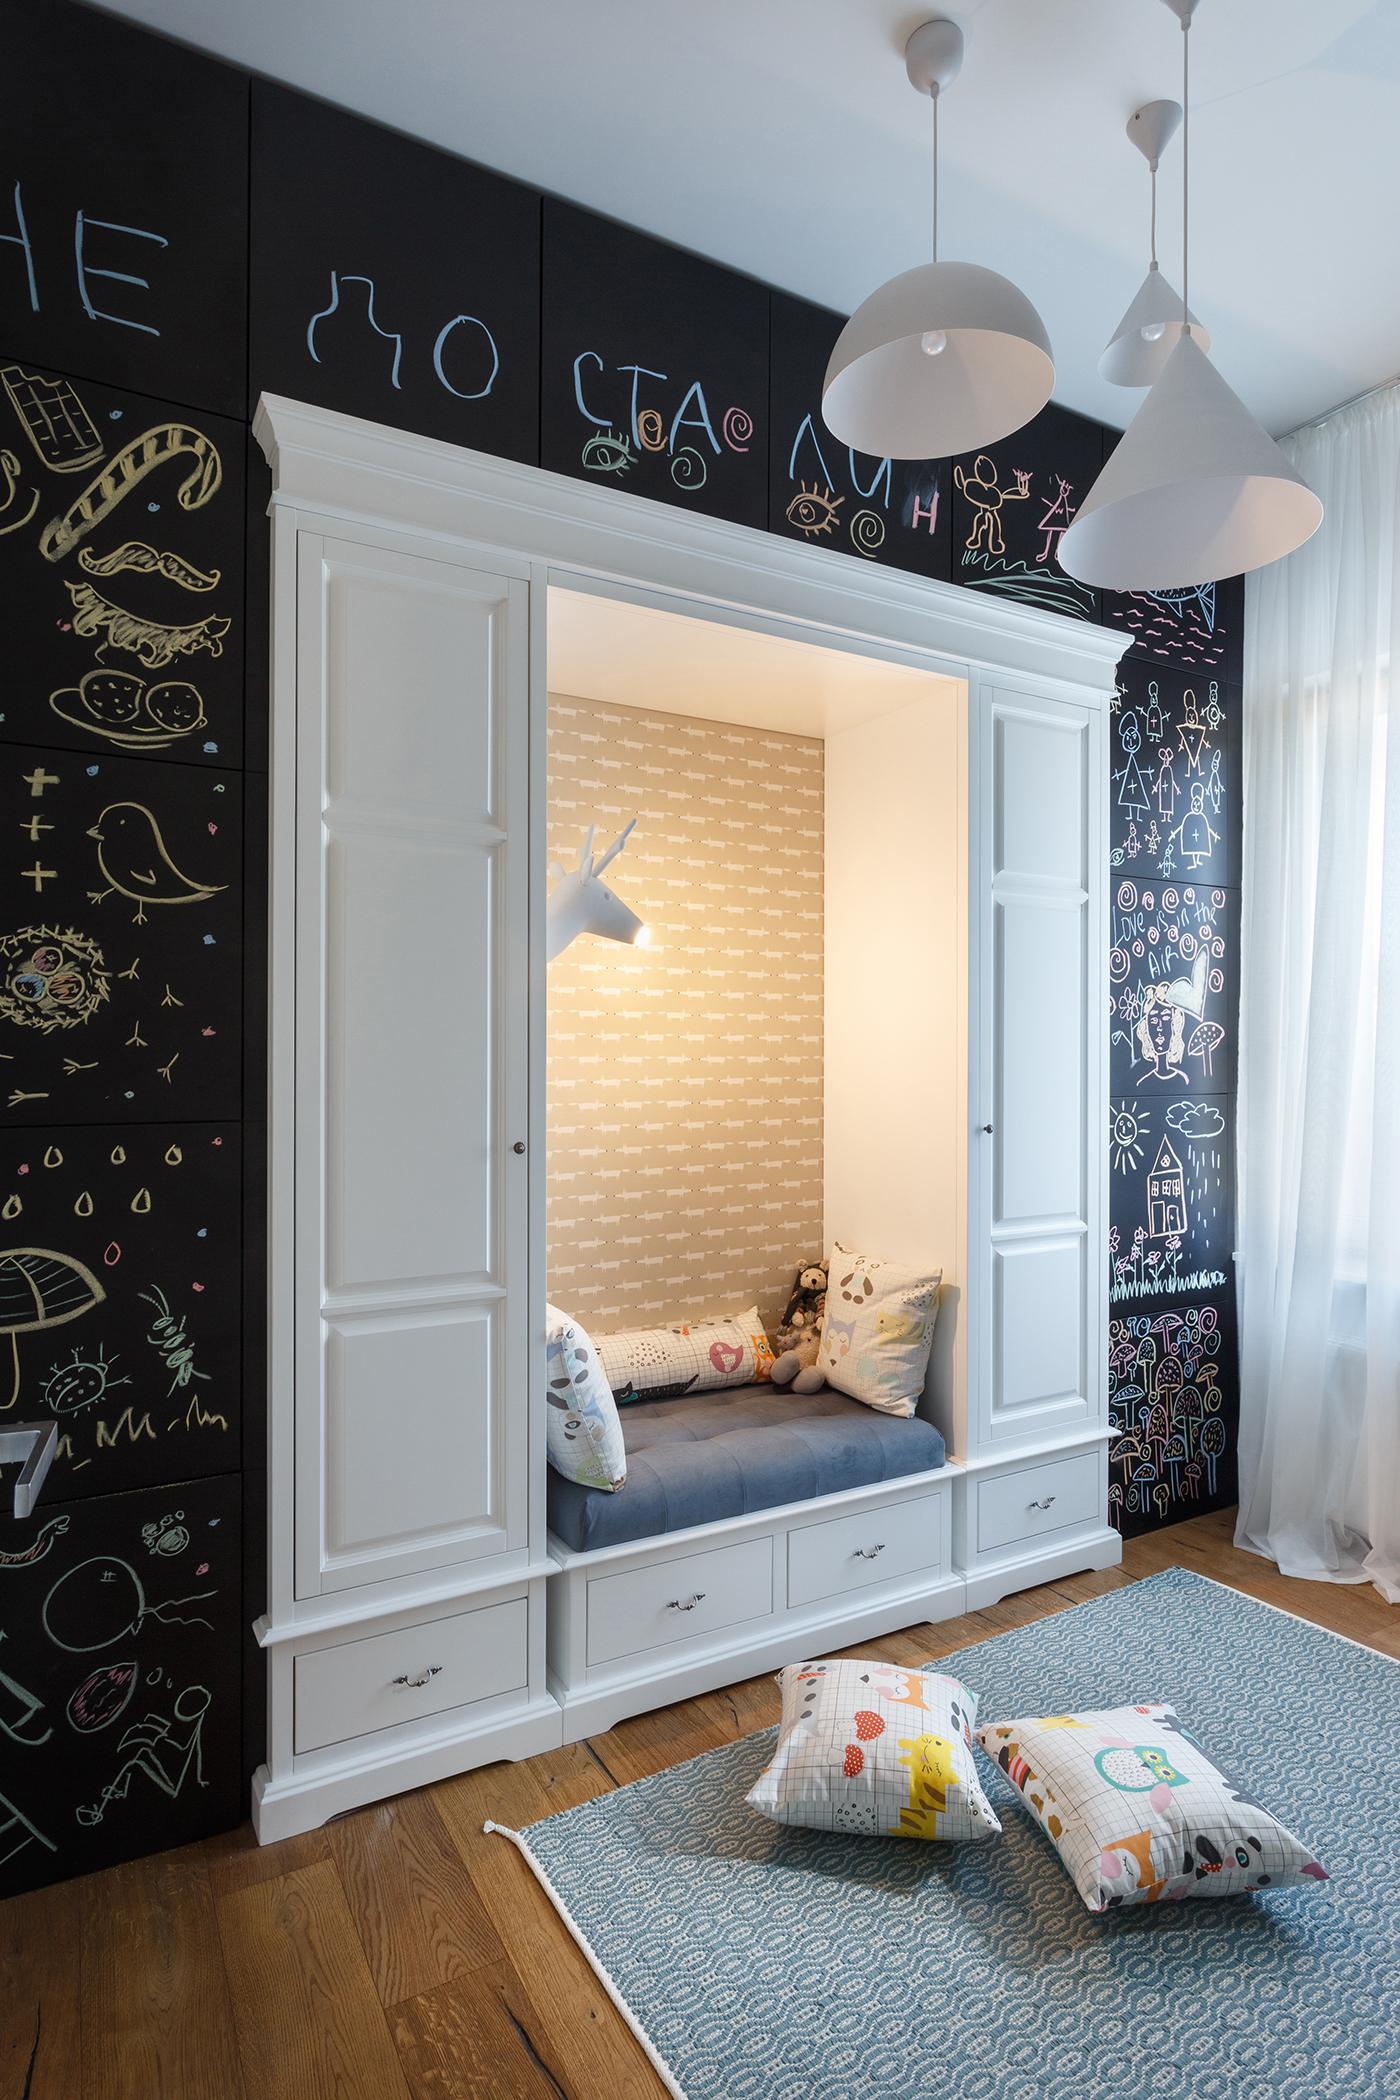 Апартаменты для творческой семьи - проект SVOYA STUDIO 10 апартаменты Апартаменты для творческой семьи – проект SVOYA STUDIO                                                                            SVOYA STUDIO 10